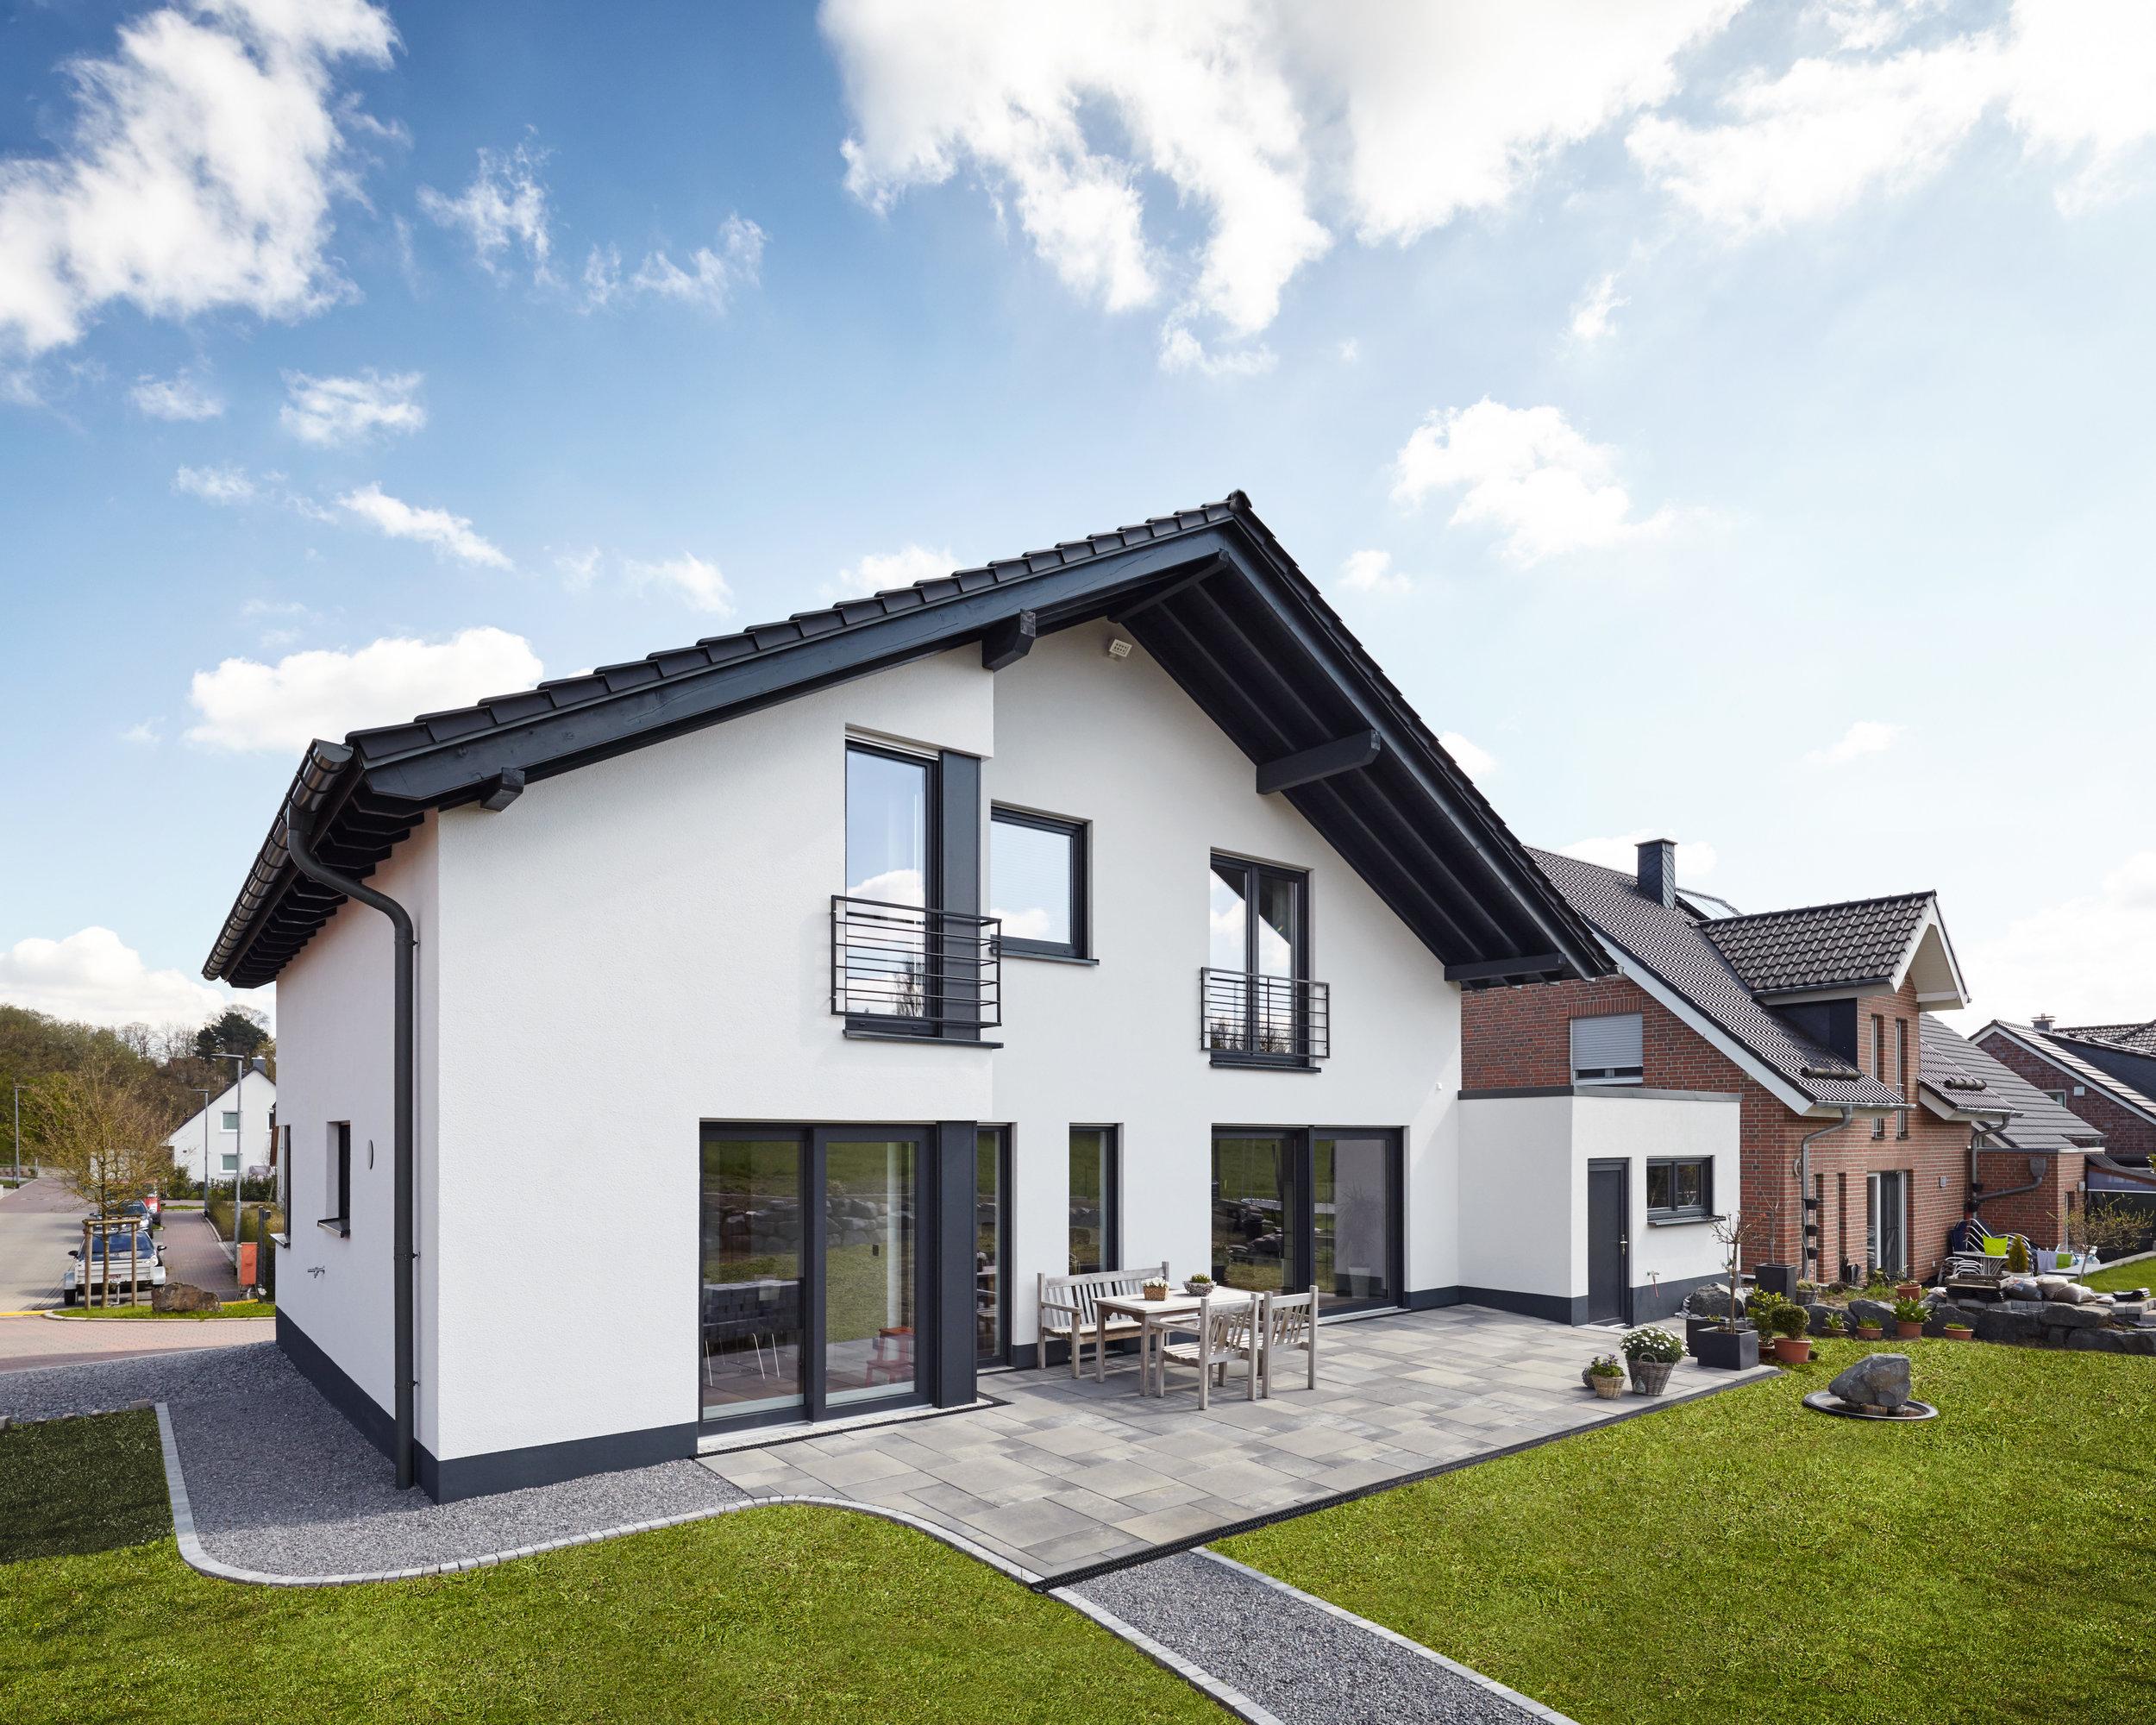 einfamilienhaus-bauen mit der sonne-ennepetal-02.jpg